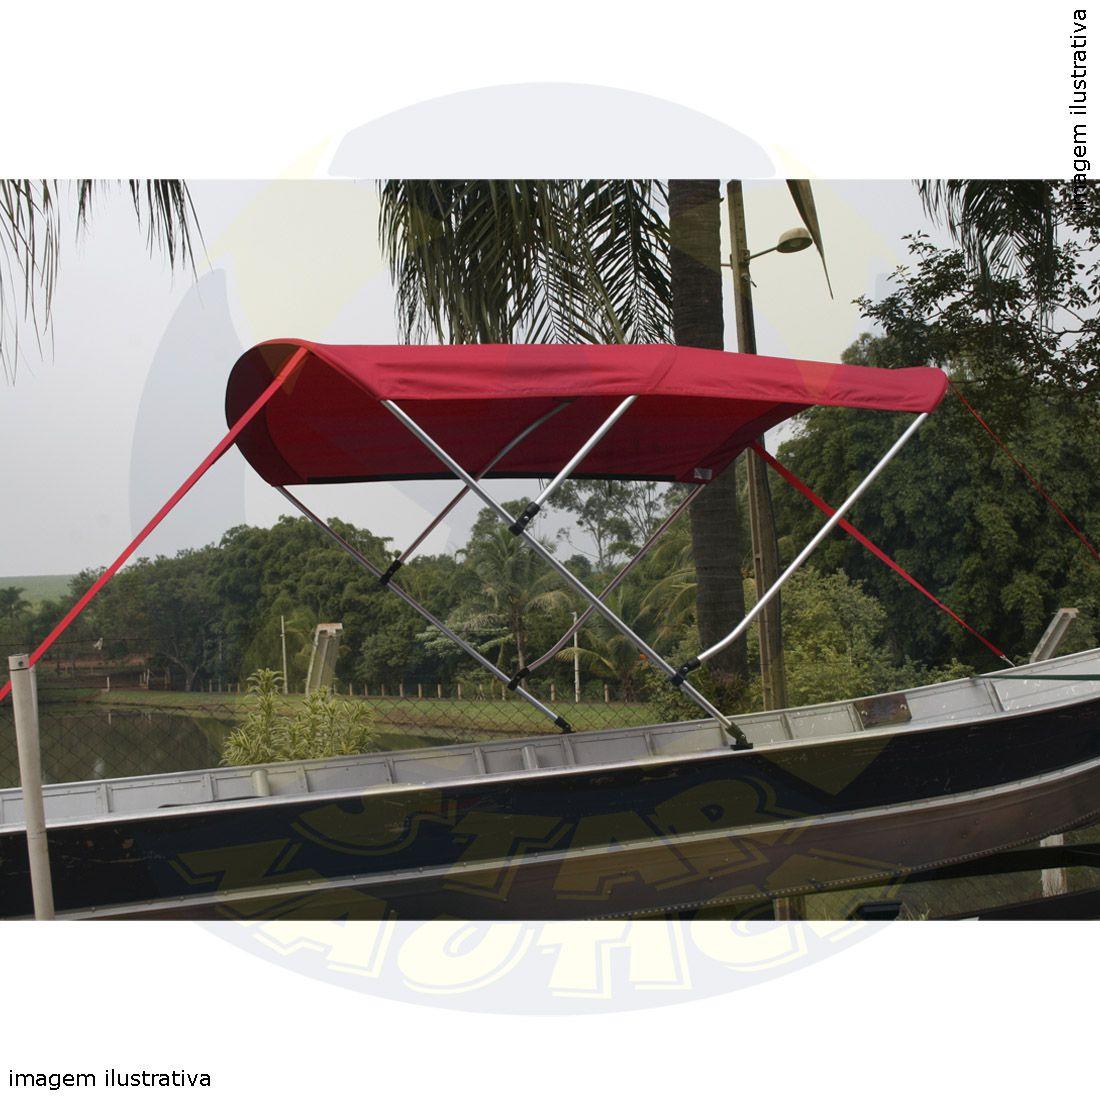 Capota Toldo Barco Calaça Flash Bass 500 Vinílica 3 Arcos Tubo 1 1/4